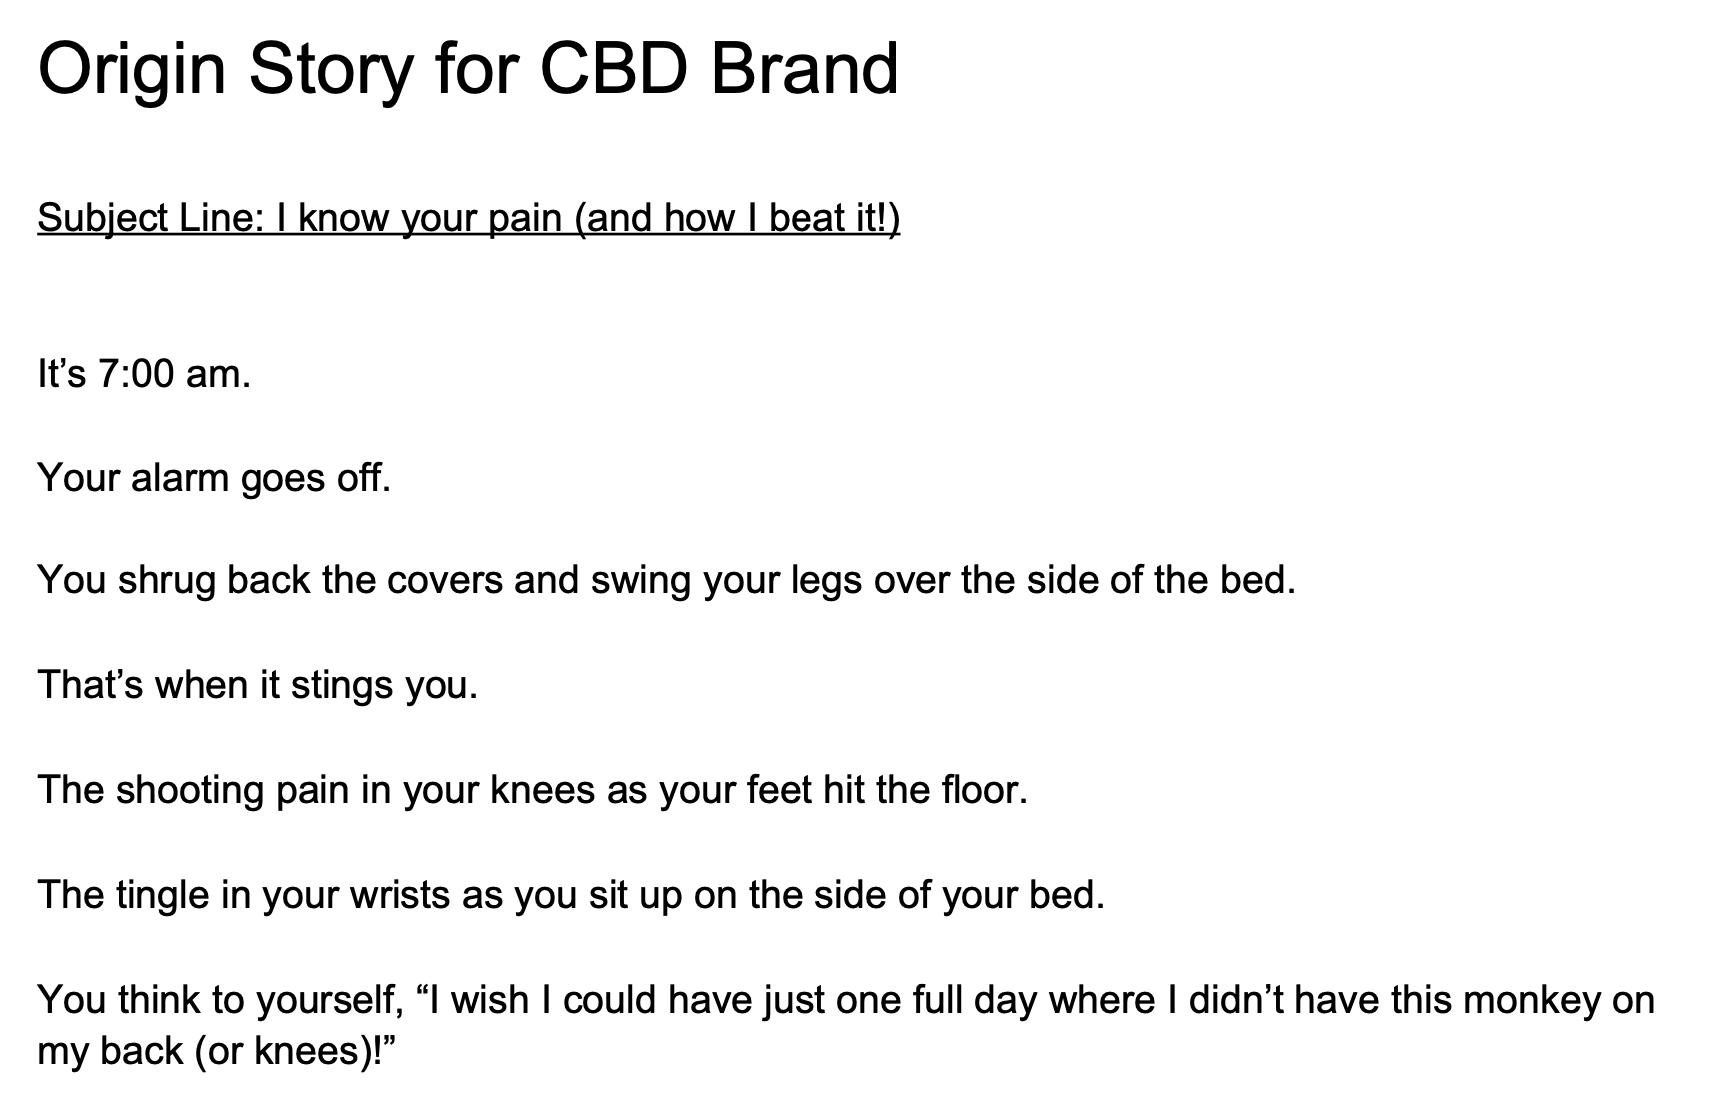 Origin Story for CBD Brand